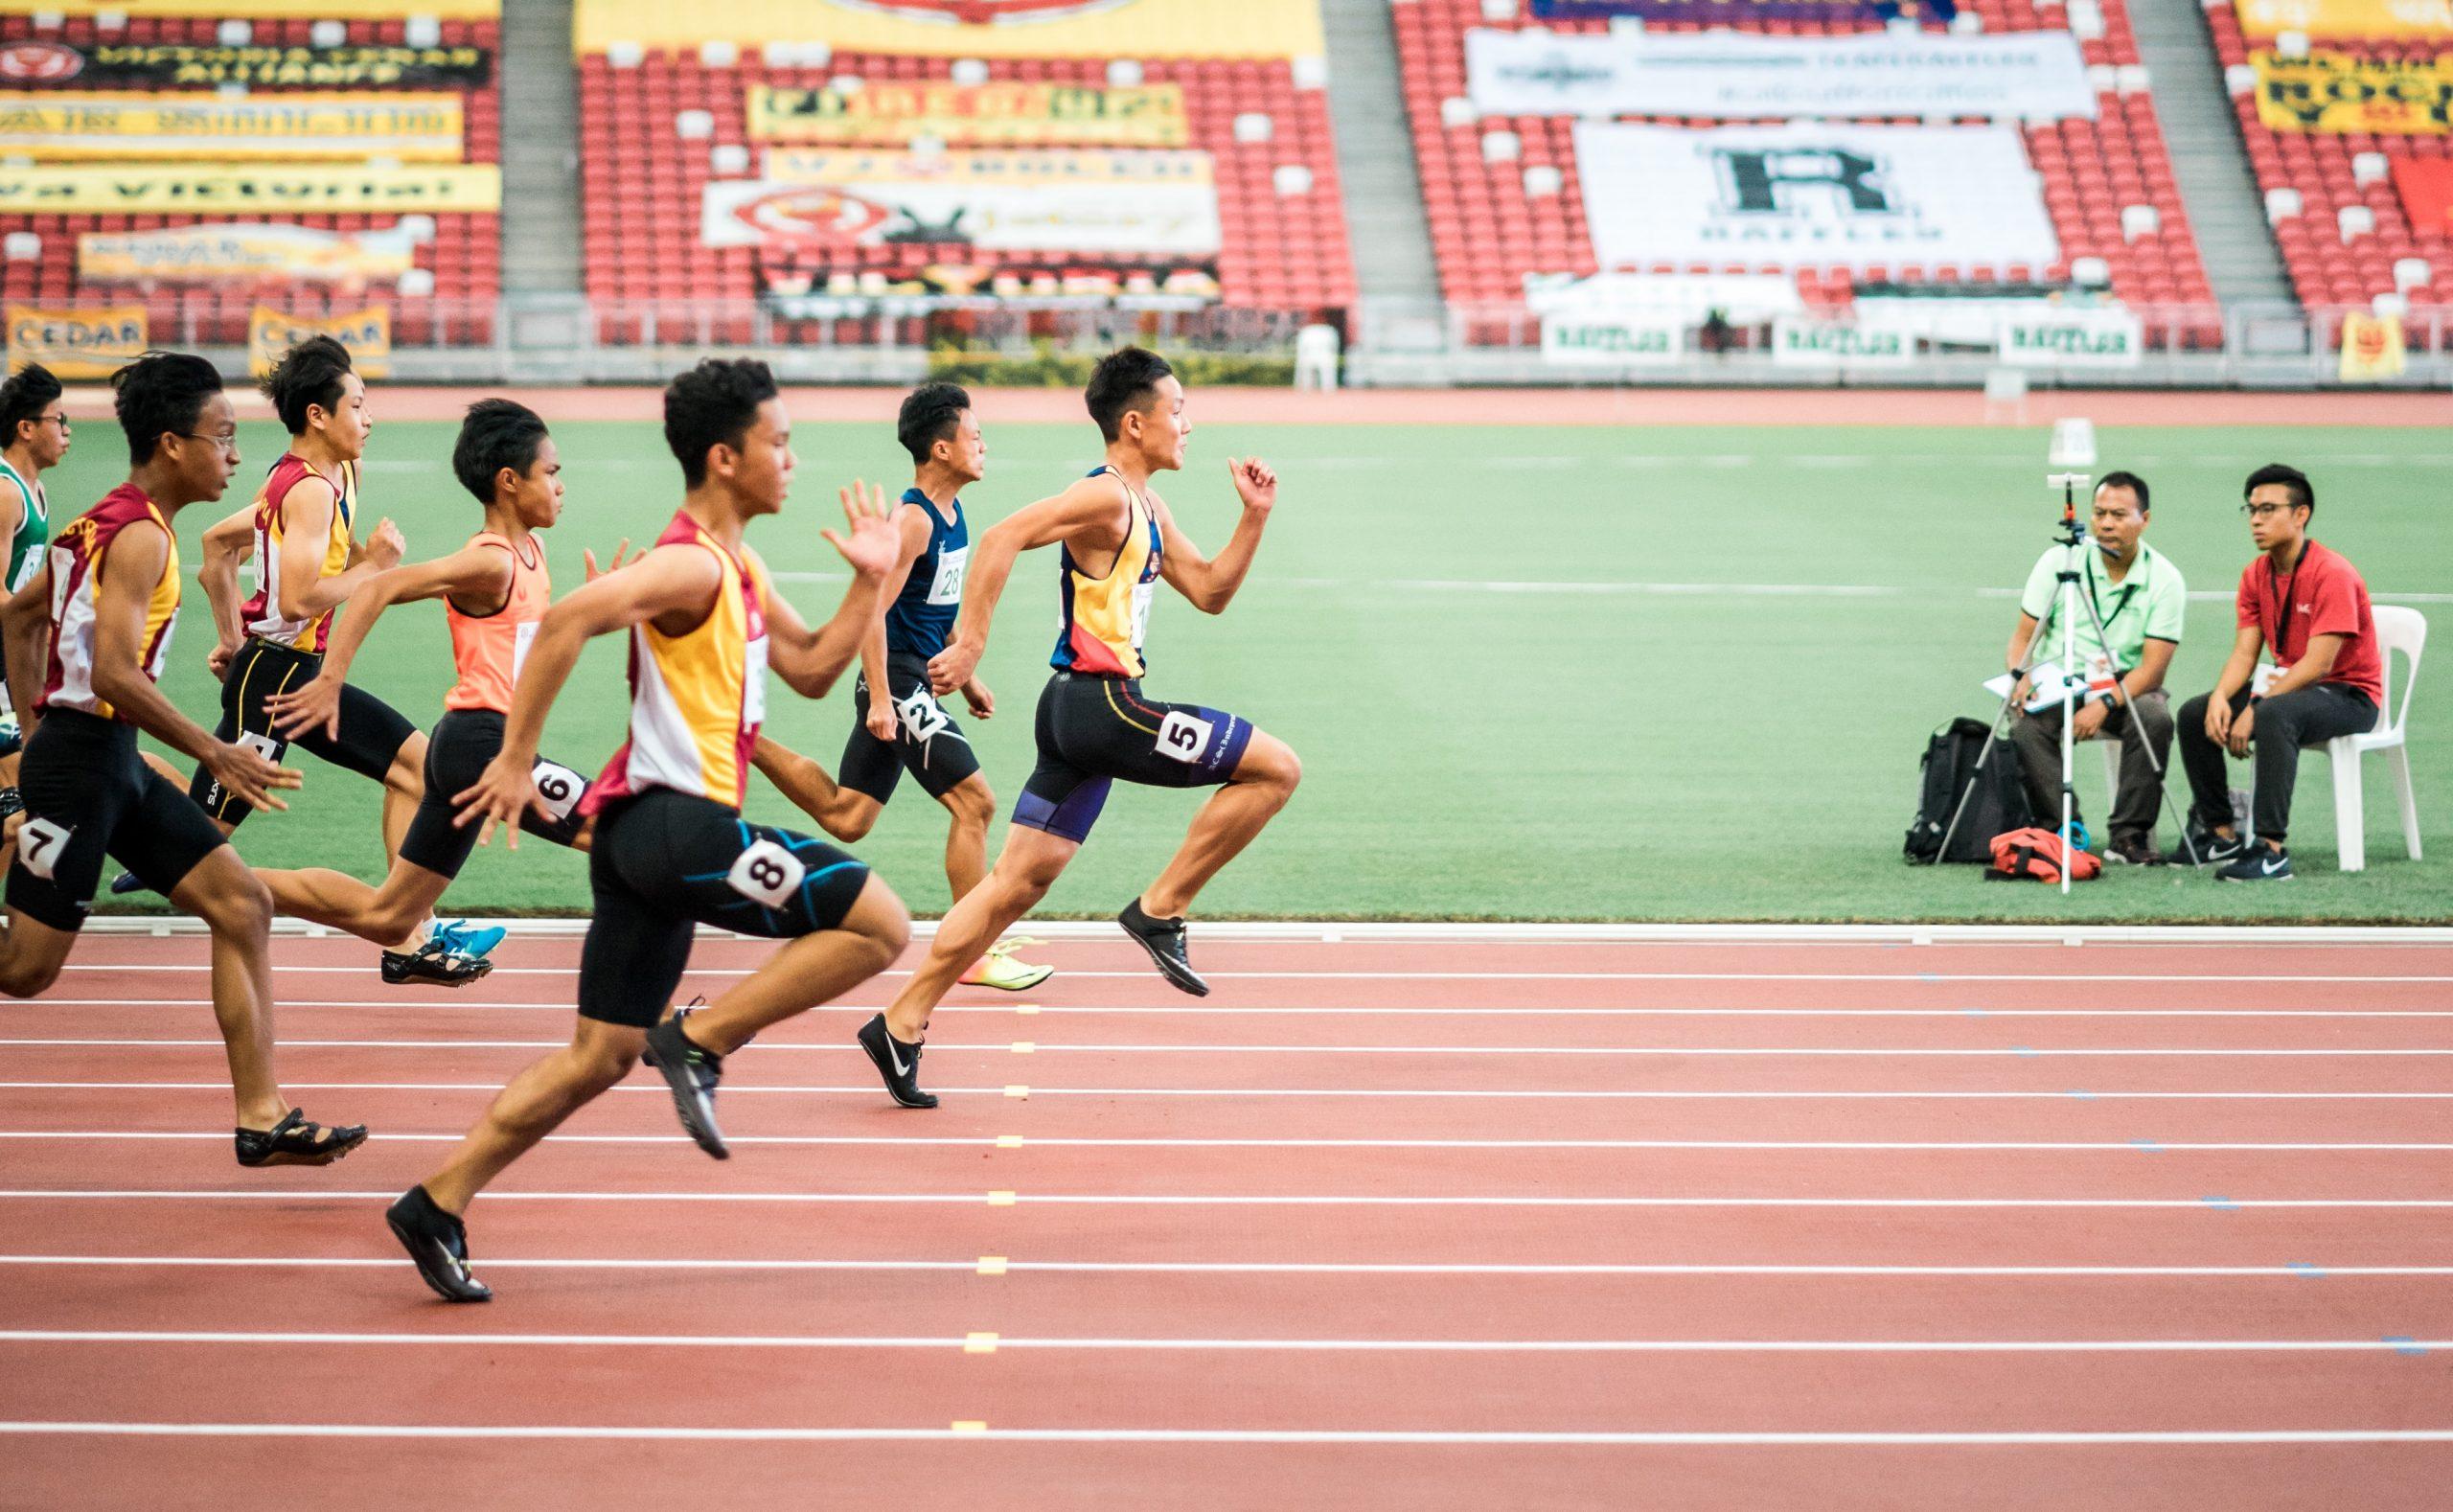 Marathonläufer auf der Zielgeraden.